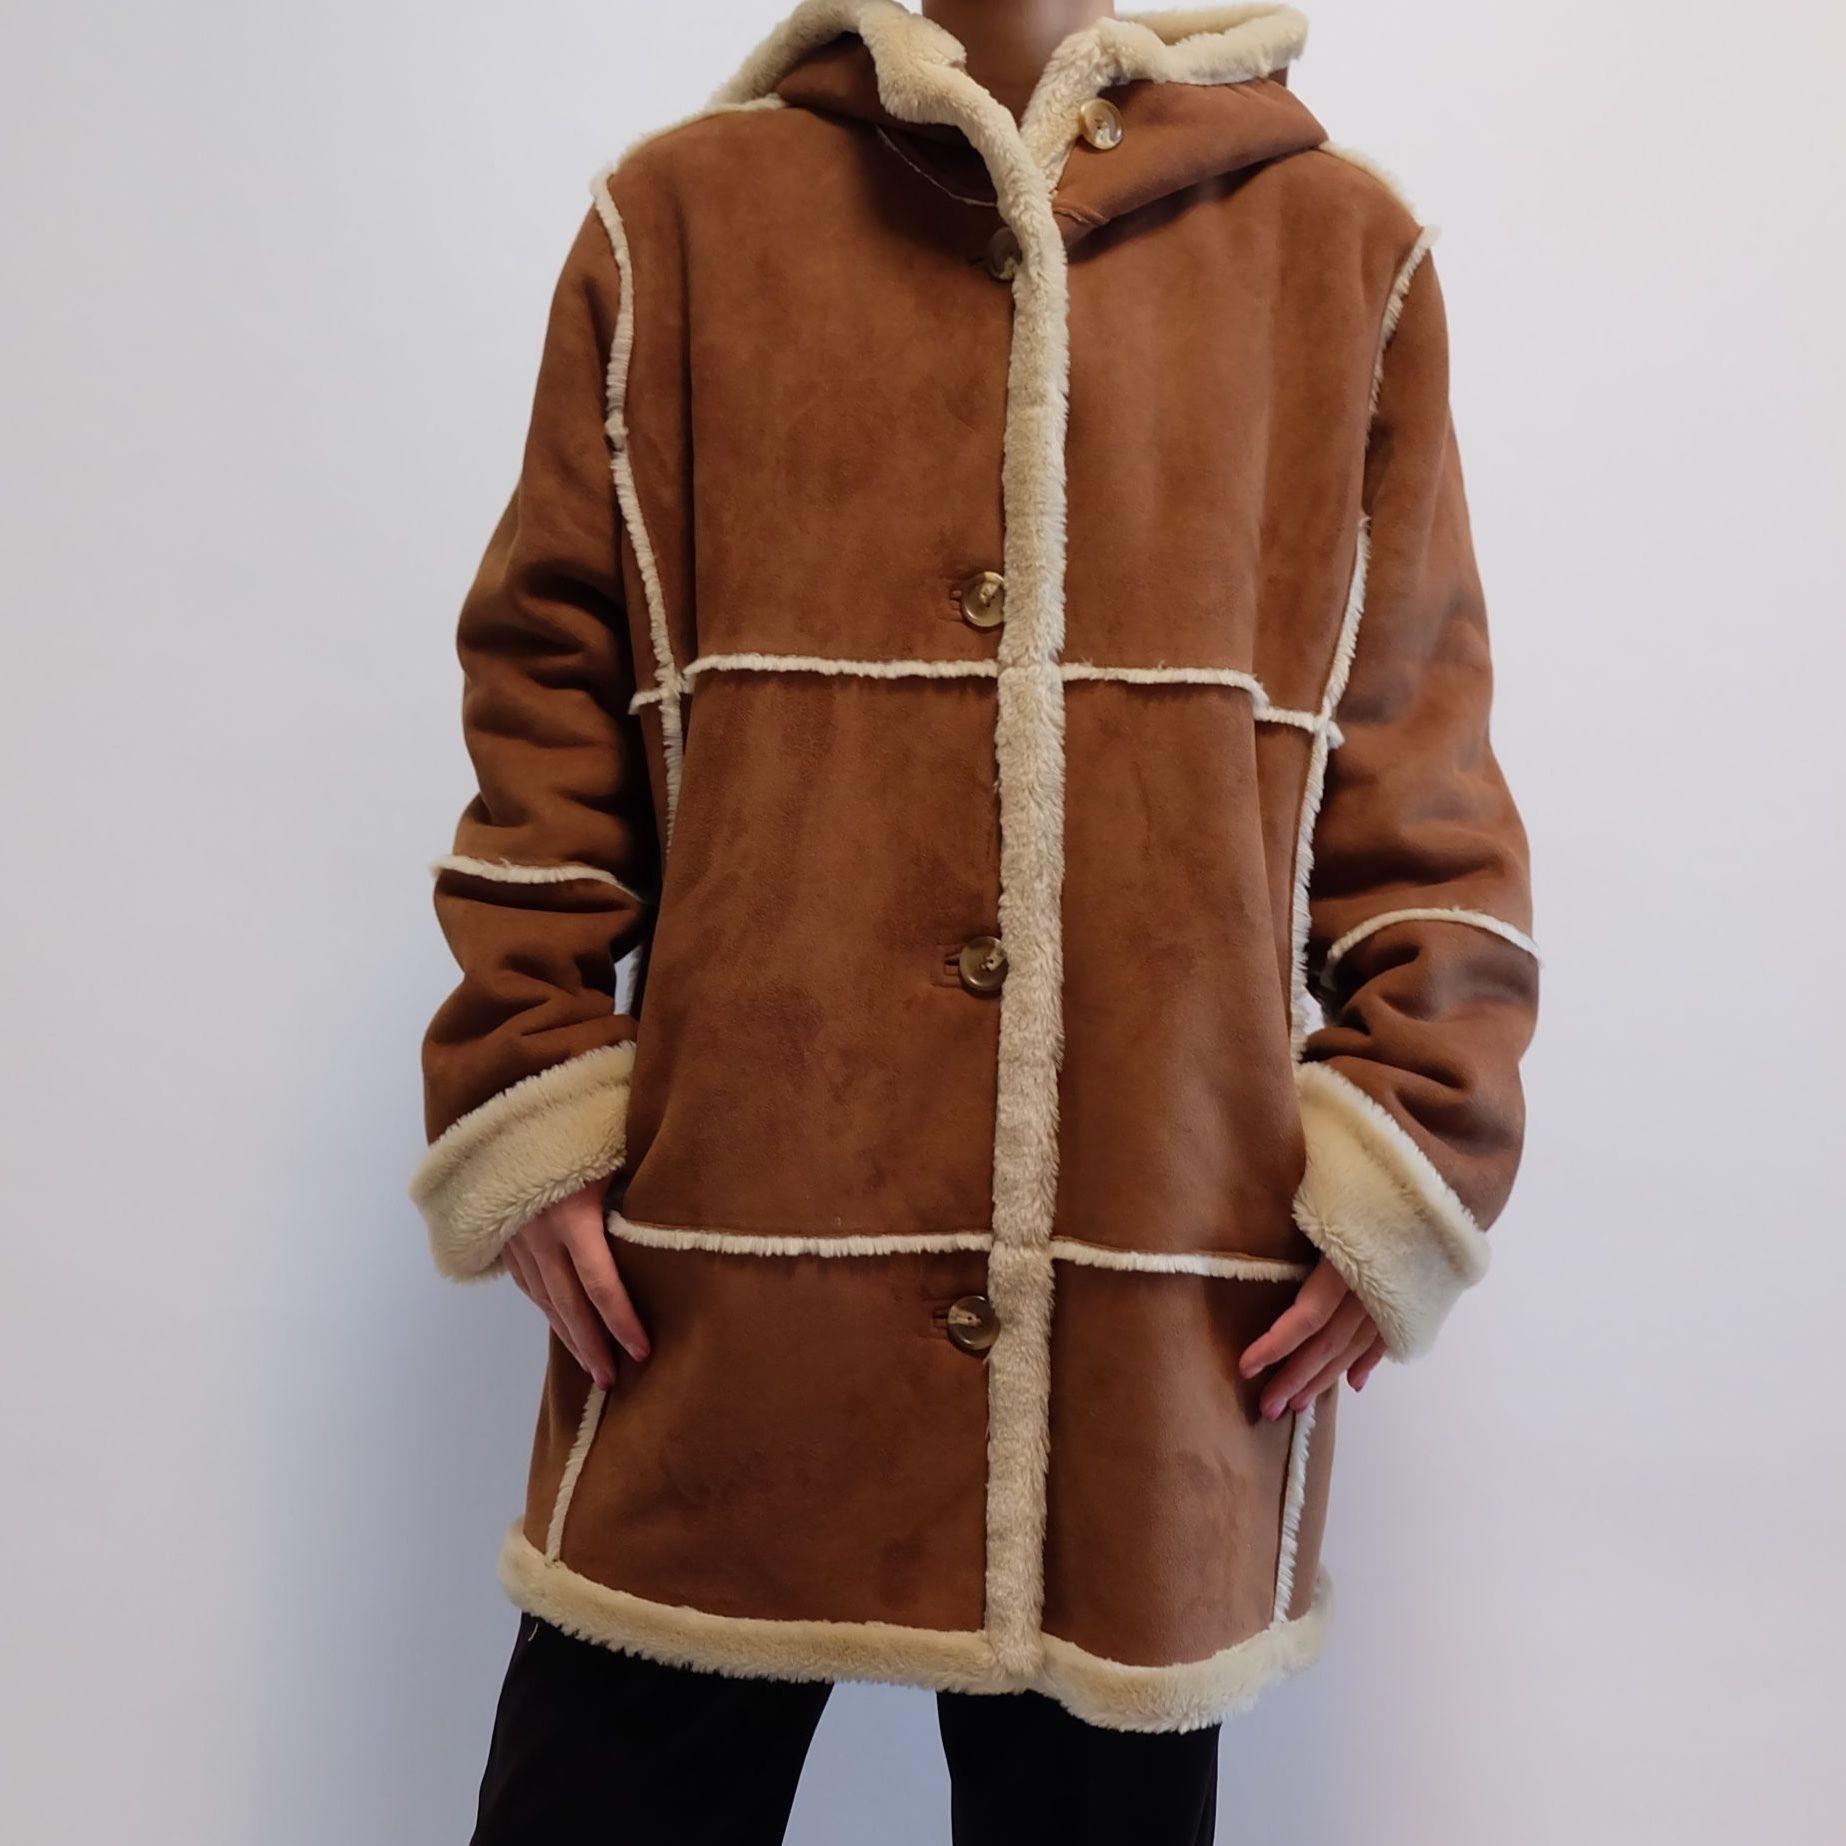 mouton-coat